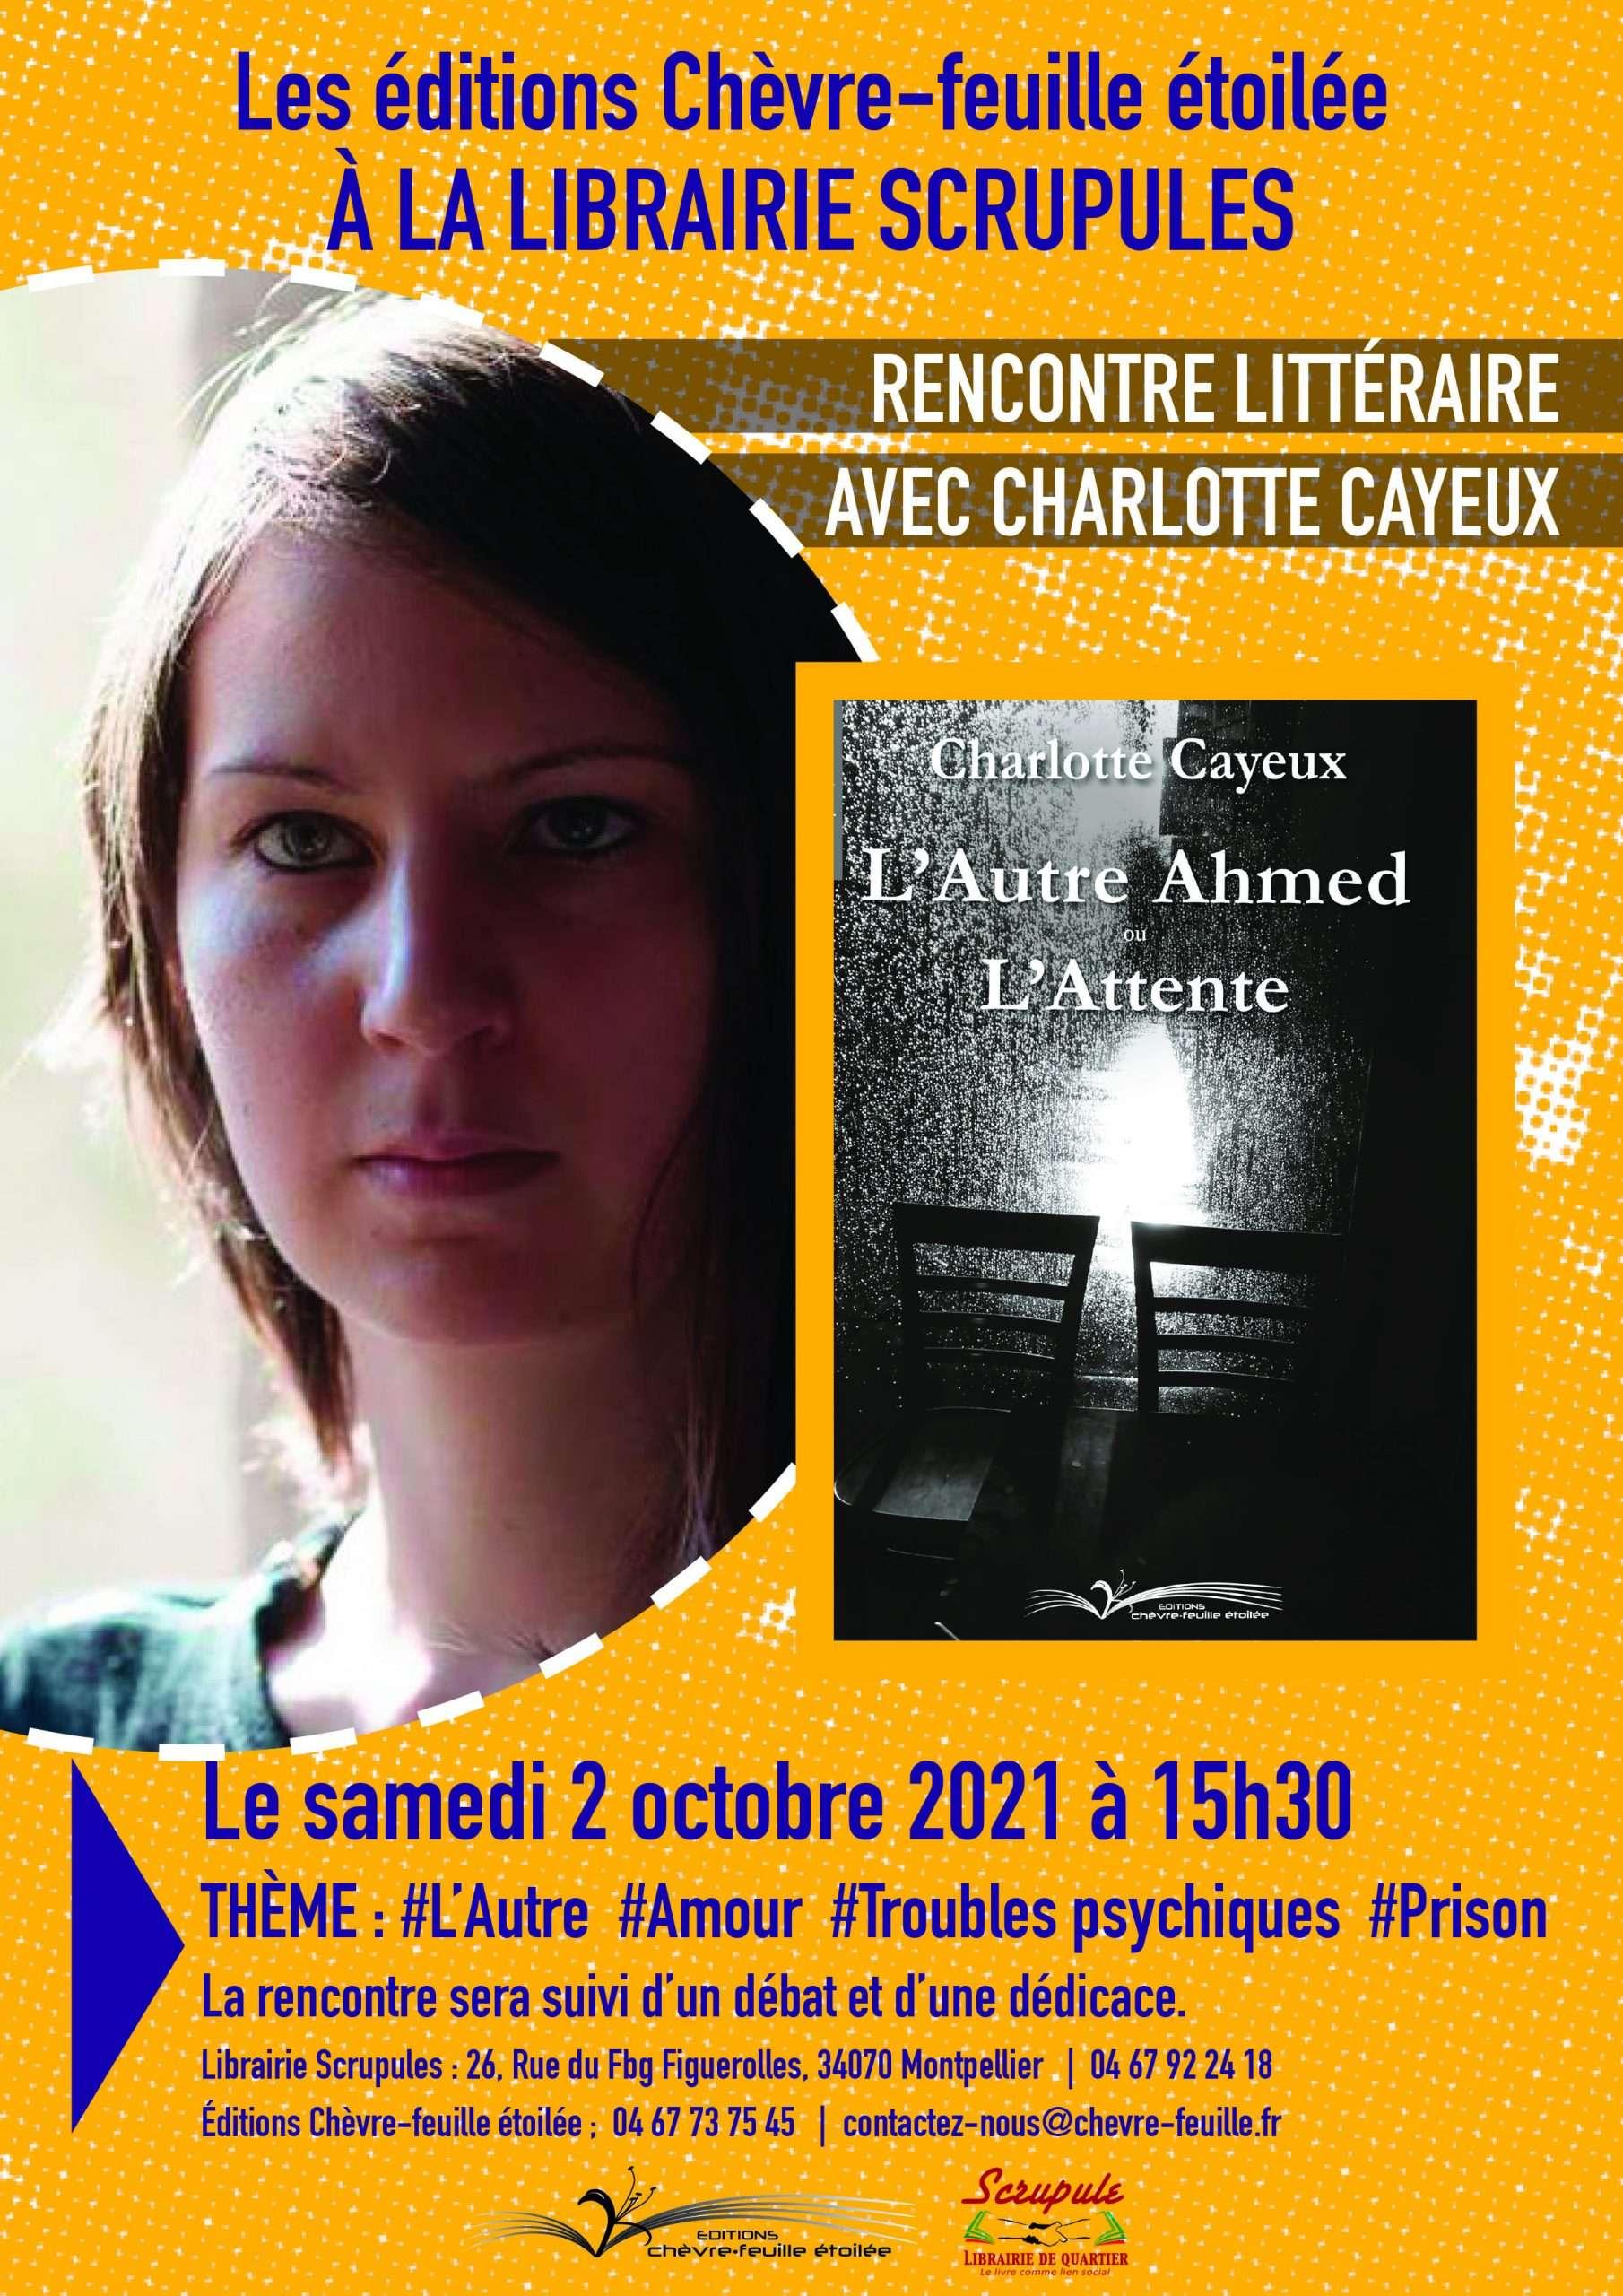 Charlotte Cayeux à la librairie Scrupules - Montpellier -Éditions Chèvre-feuille étoilée